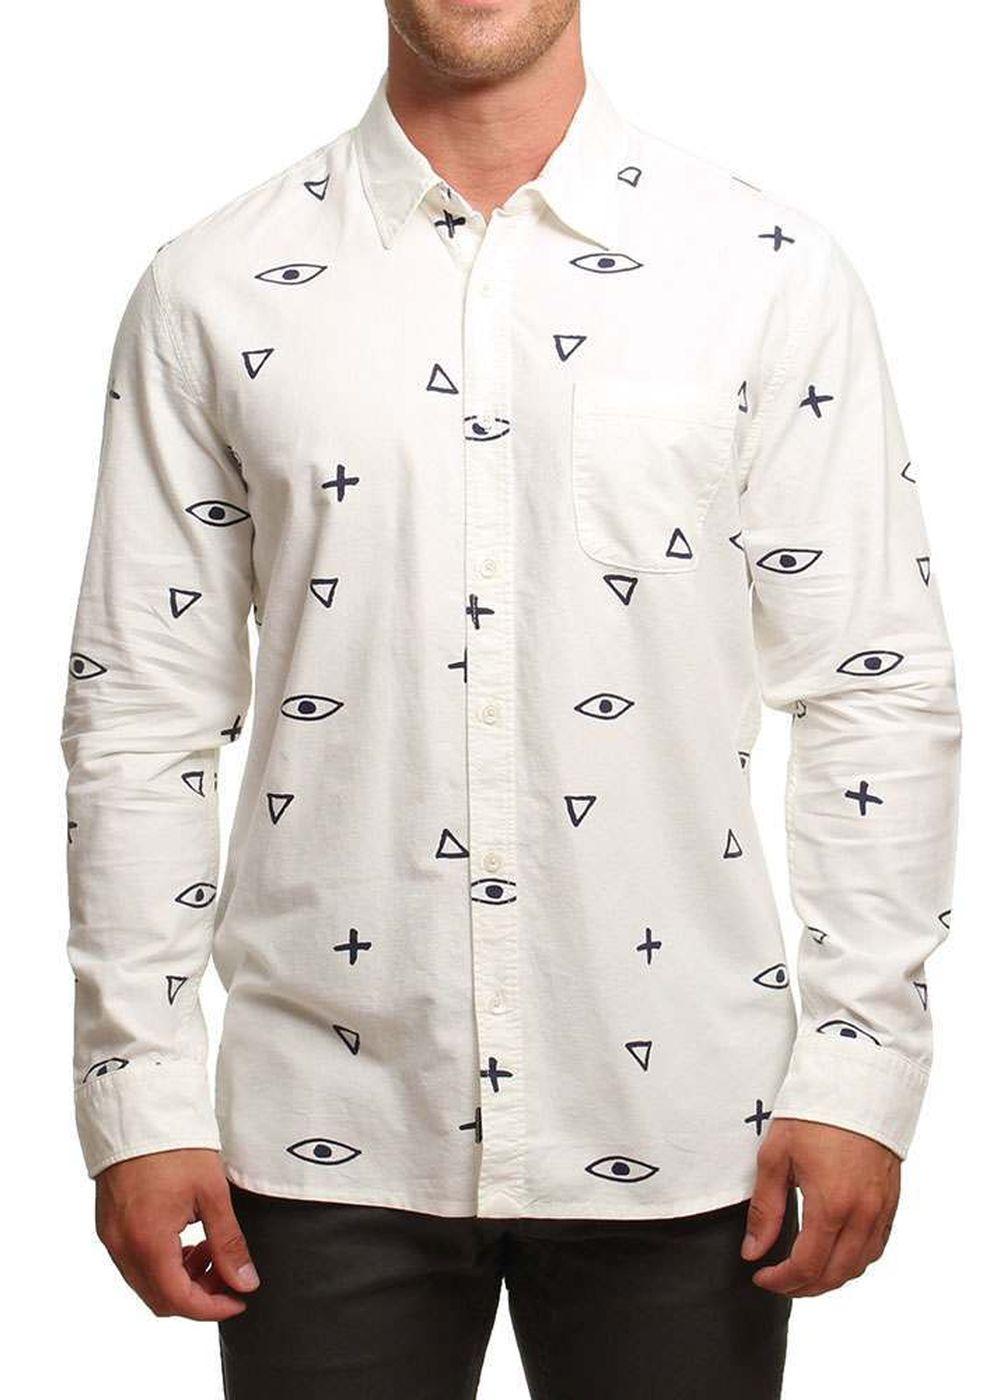 quiksilver-eye-for-an-eye-shirt-white